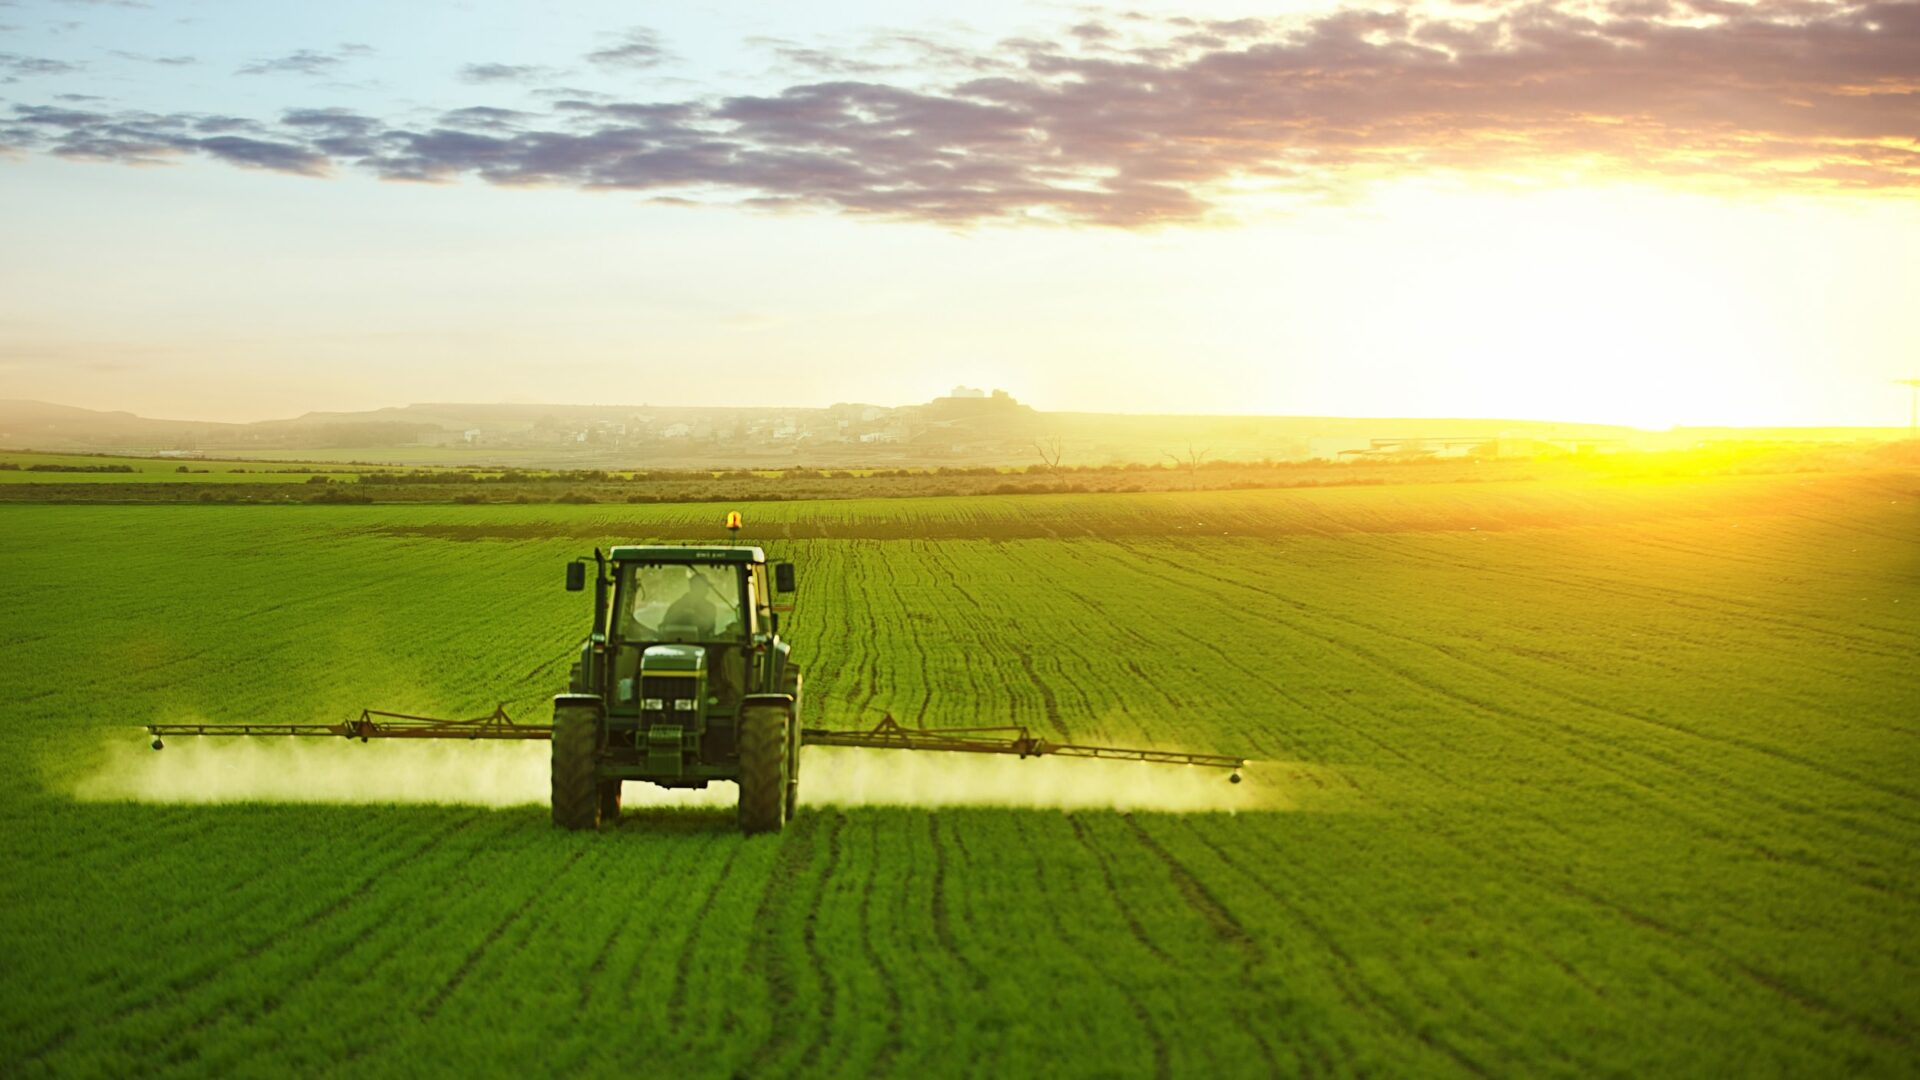 До відома суб'єктів господарювання усіх форм власності, які планують застосування, зберігання та торгівлю пестицидами